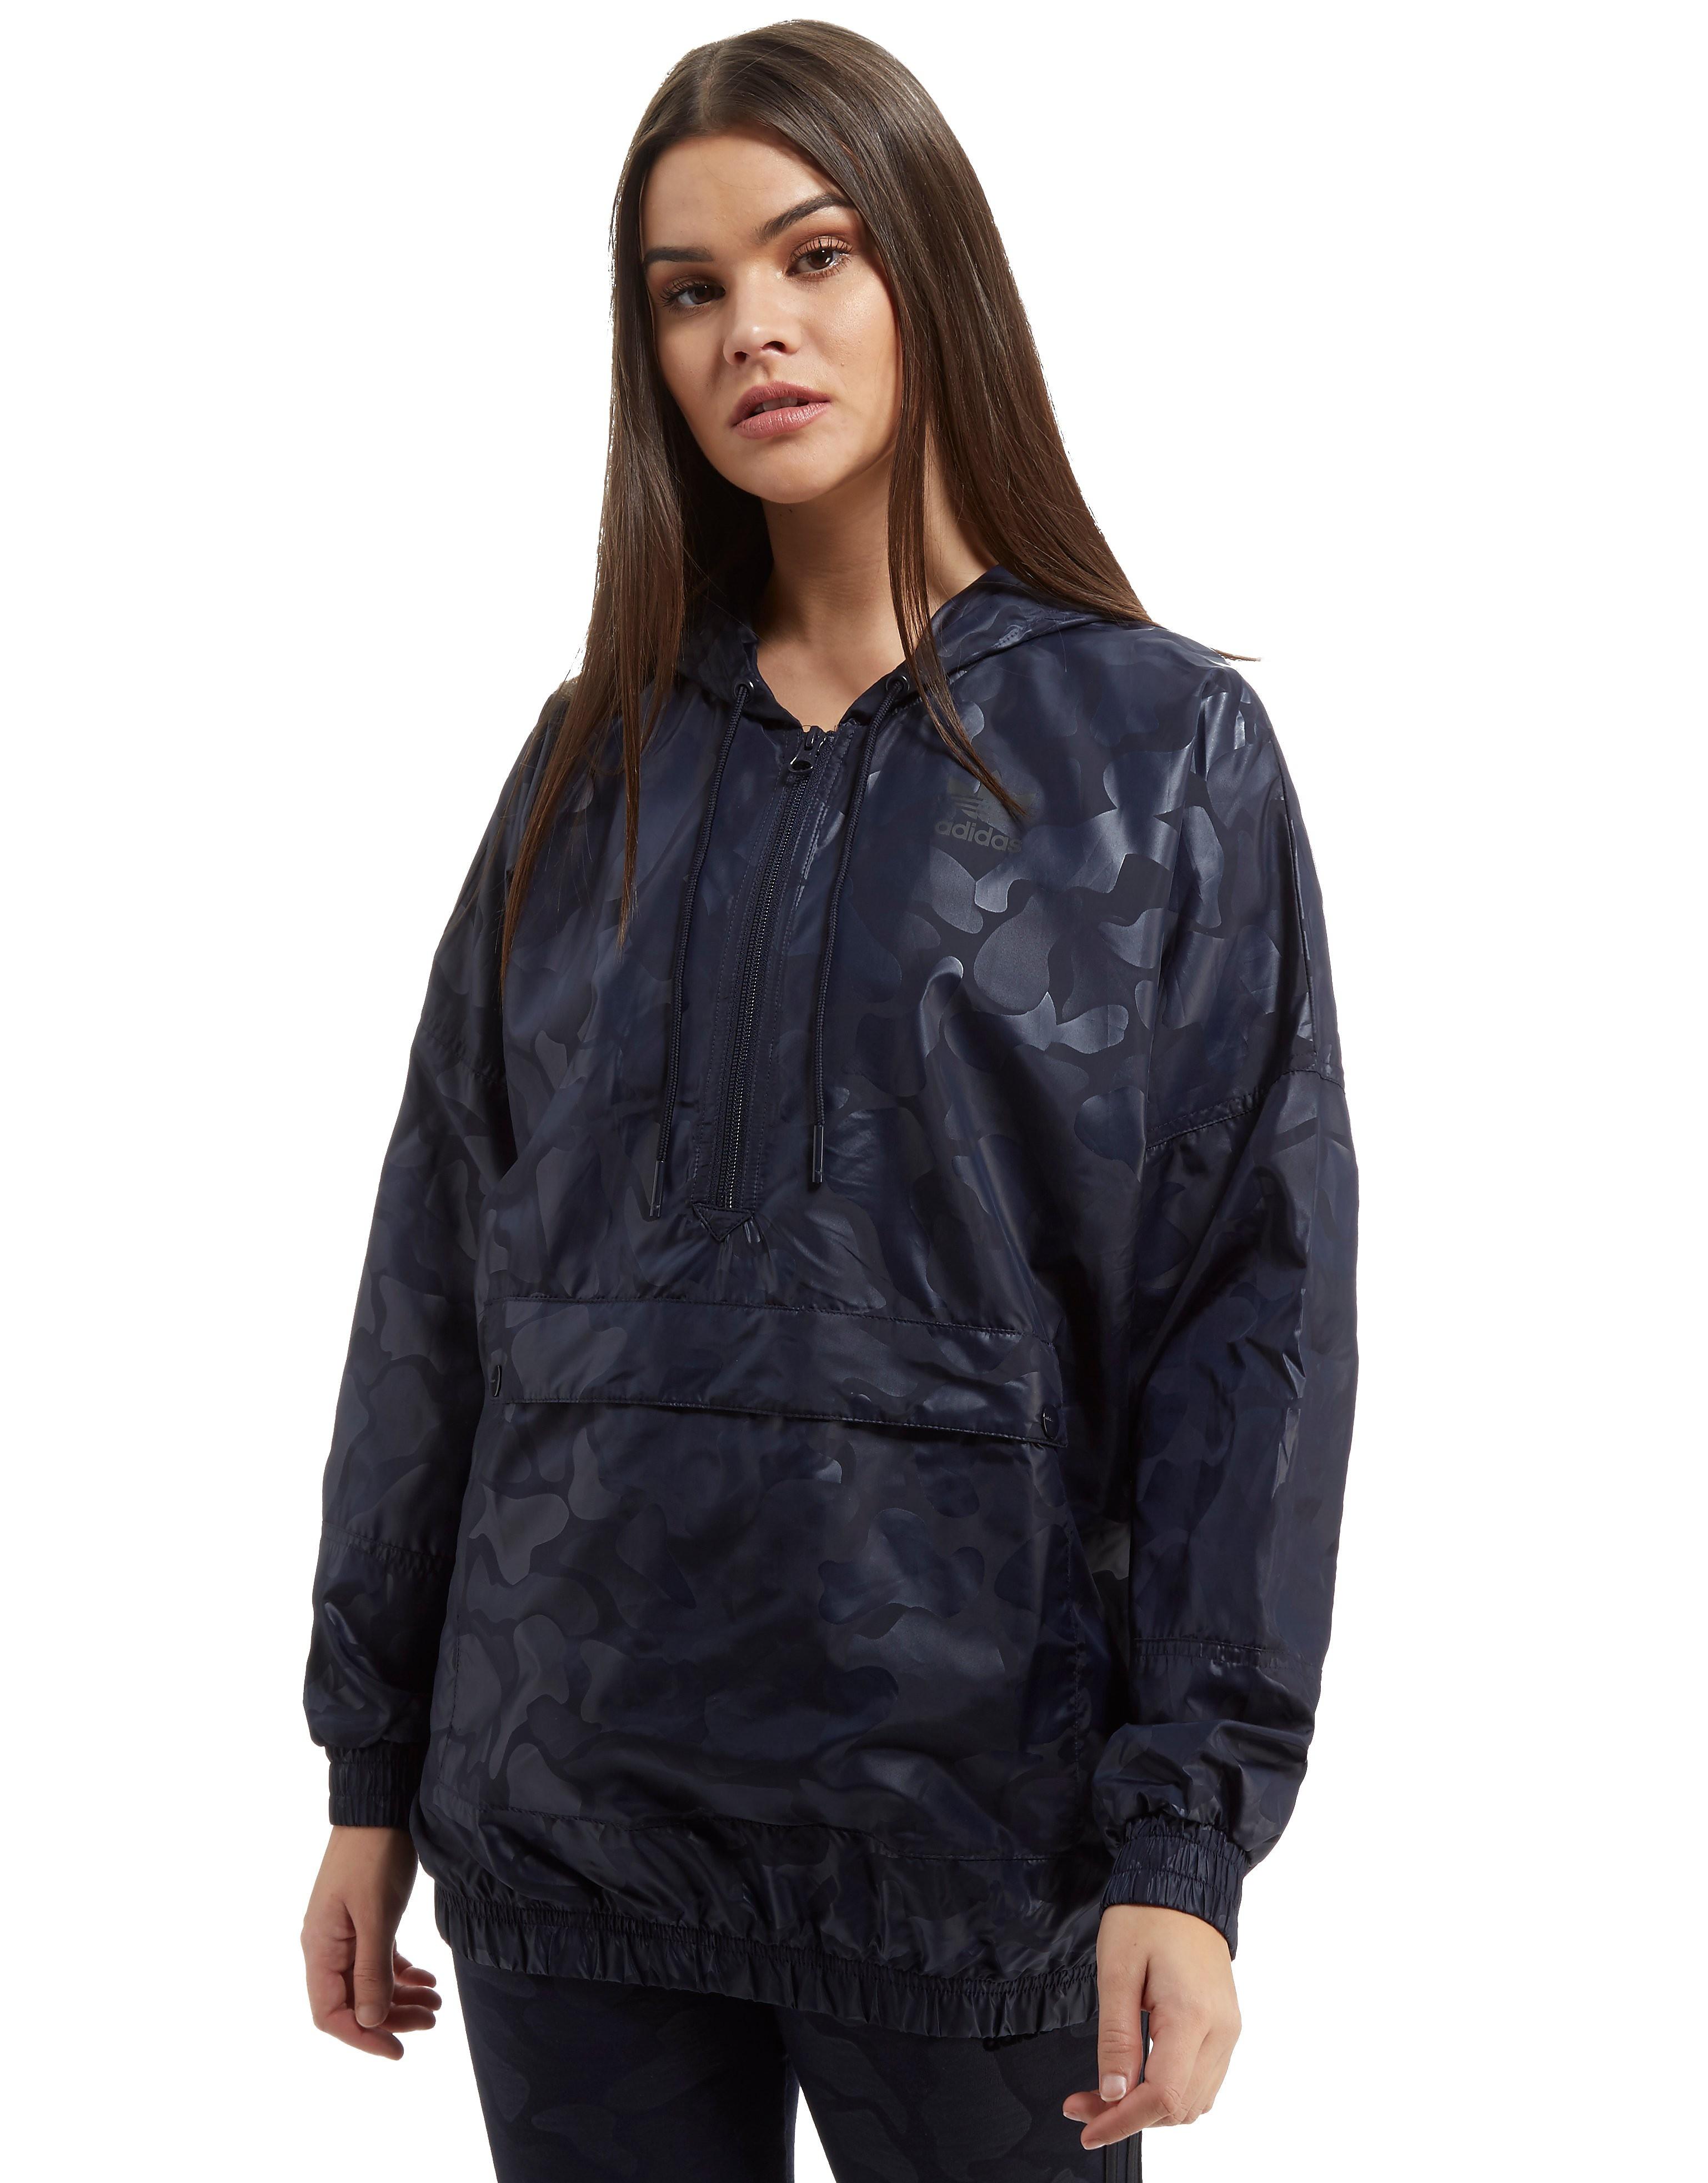 adidas Originals chaqueta Tonal Camo Windbreaker